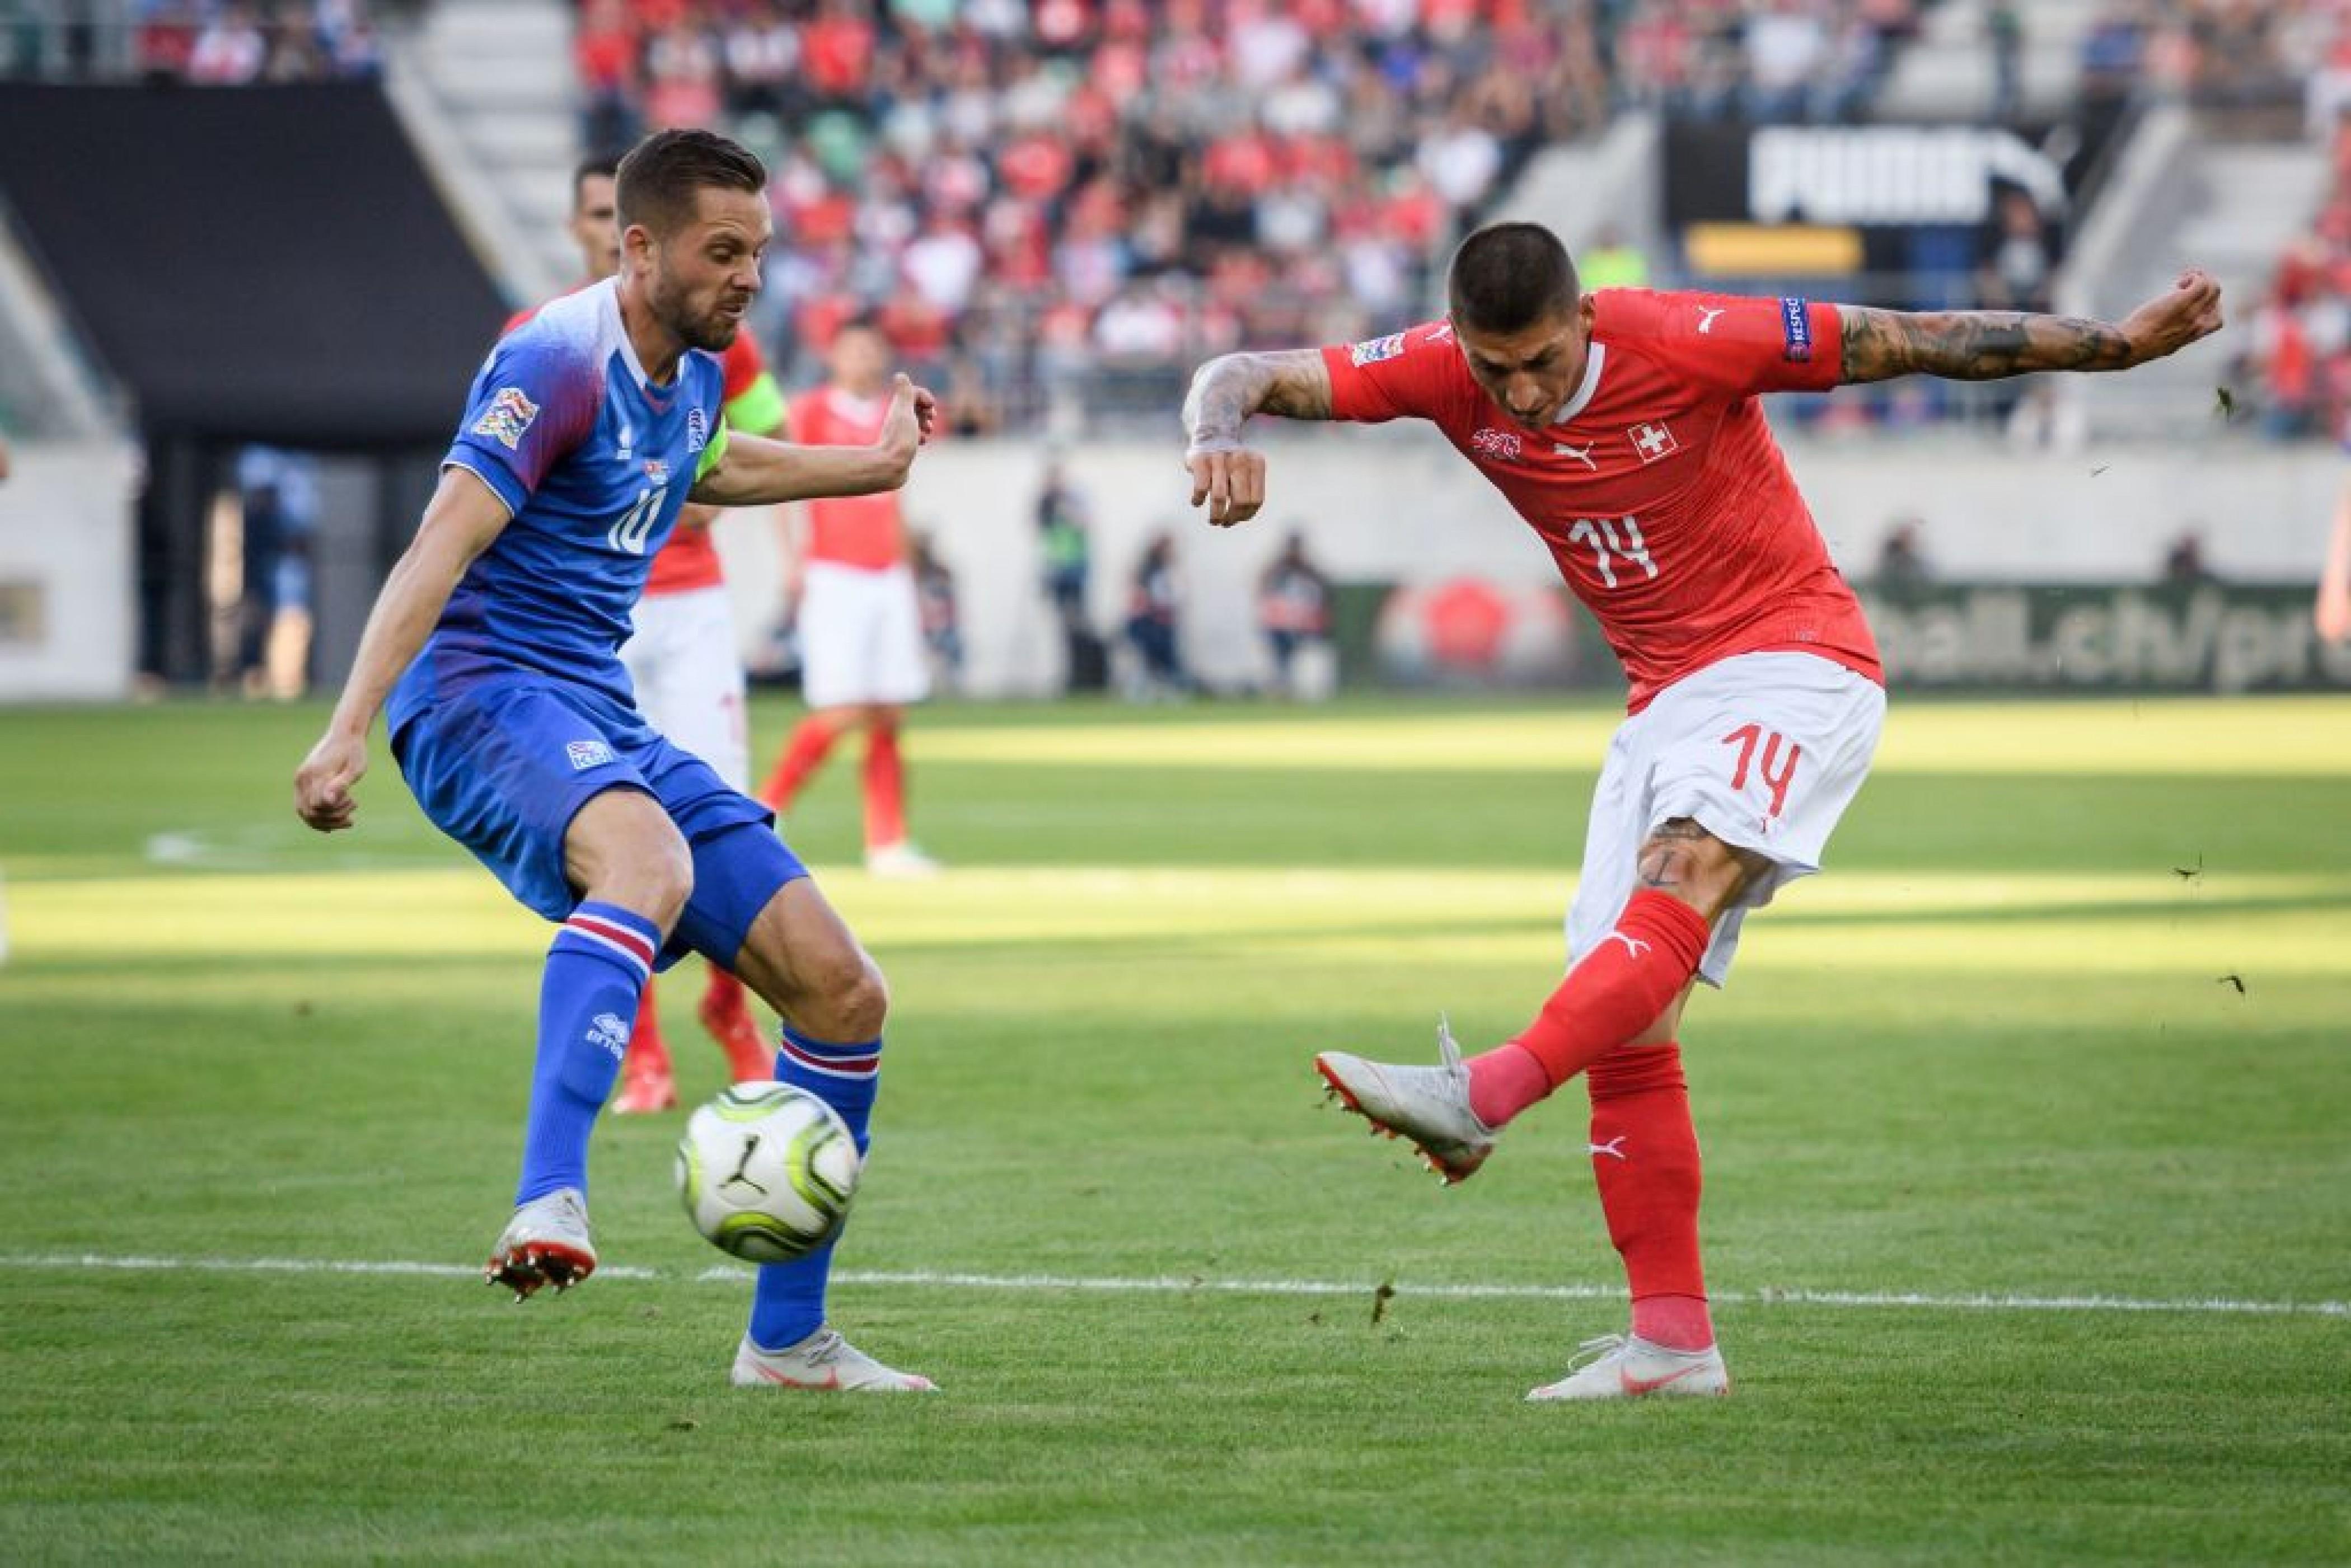 Game, set, match: la Svizzera esordisce in Nations League con un tennistico 6-0 all'Islanda